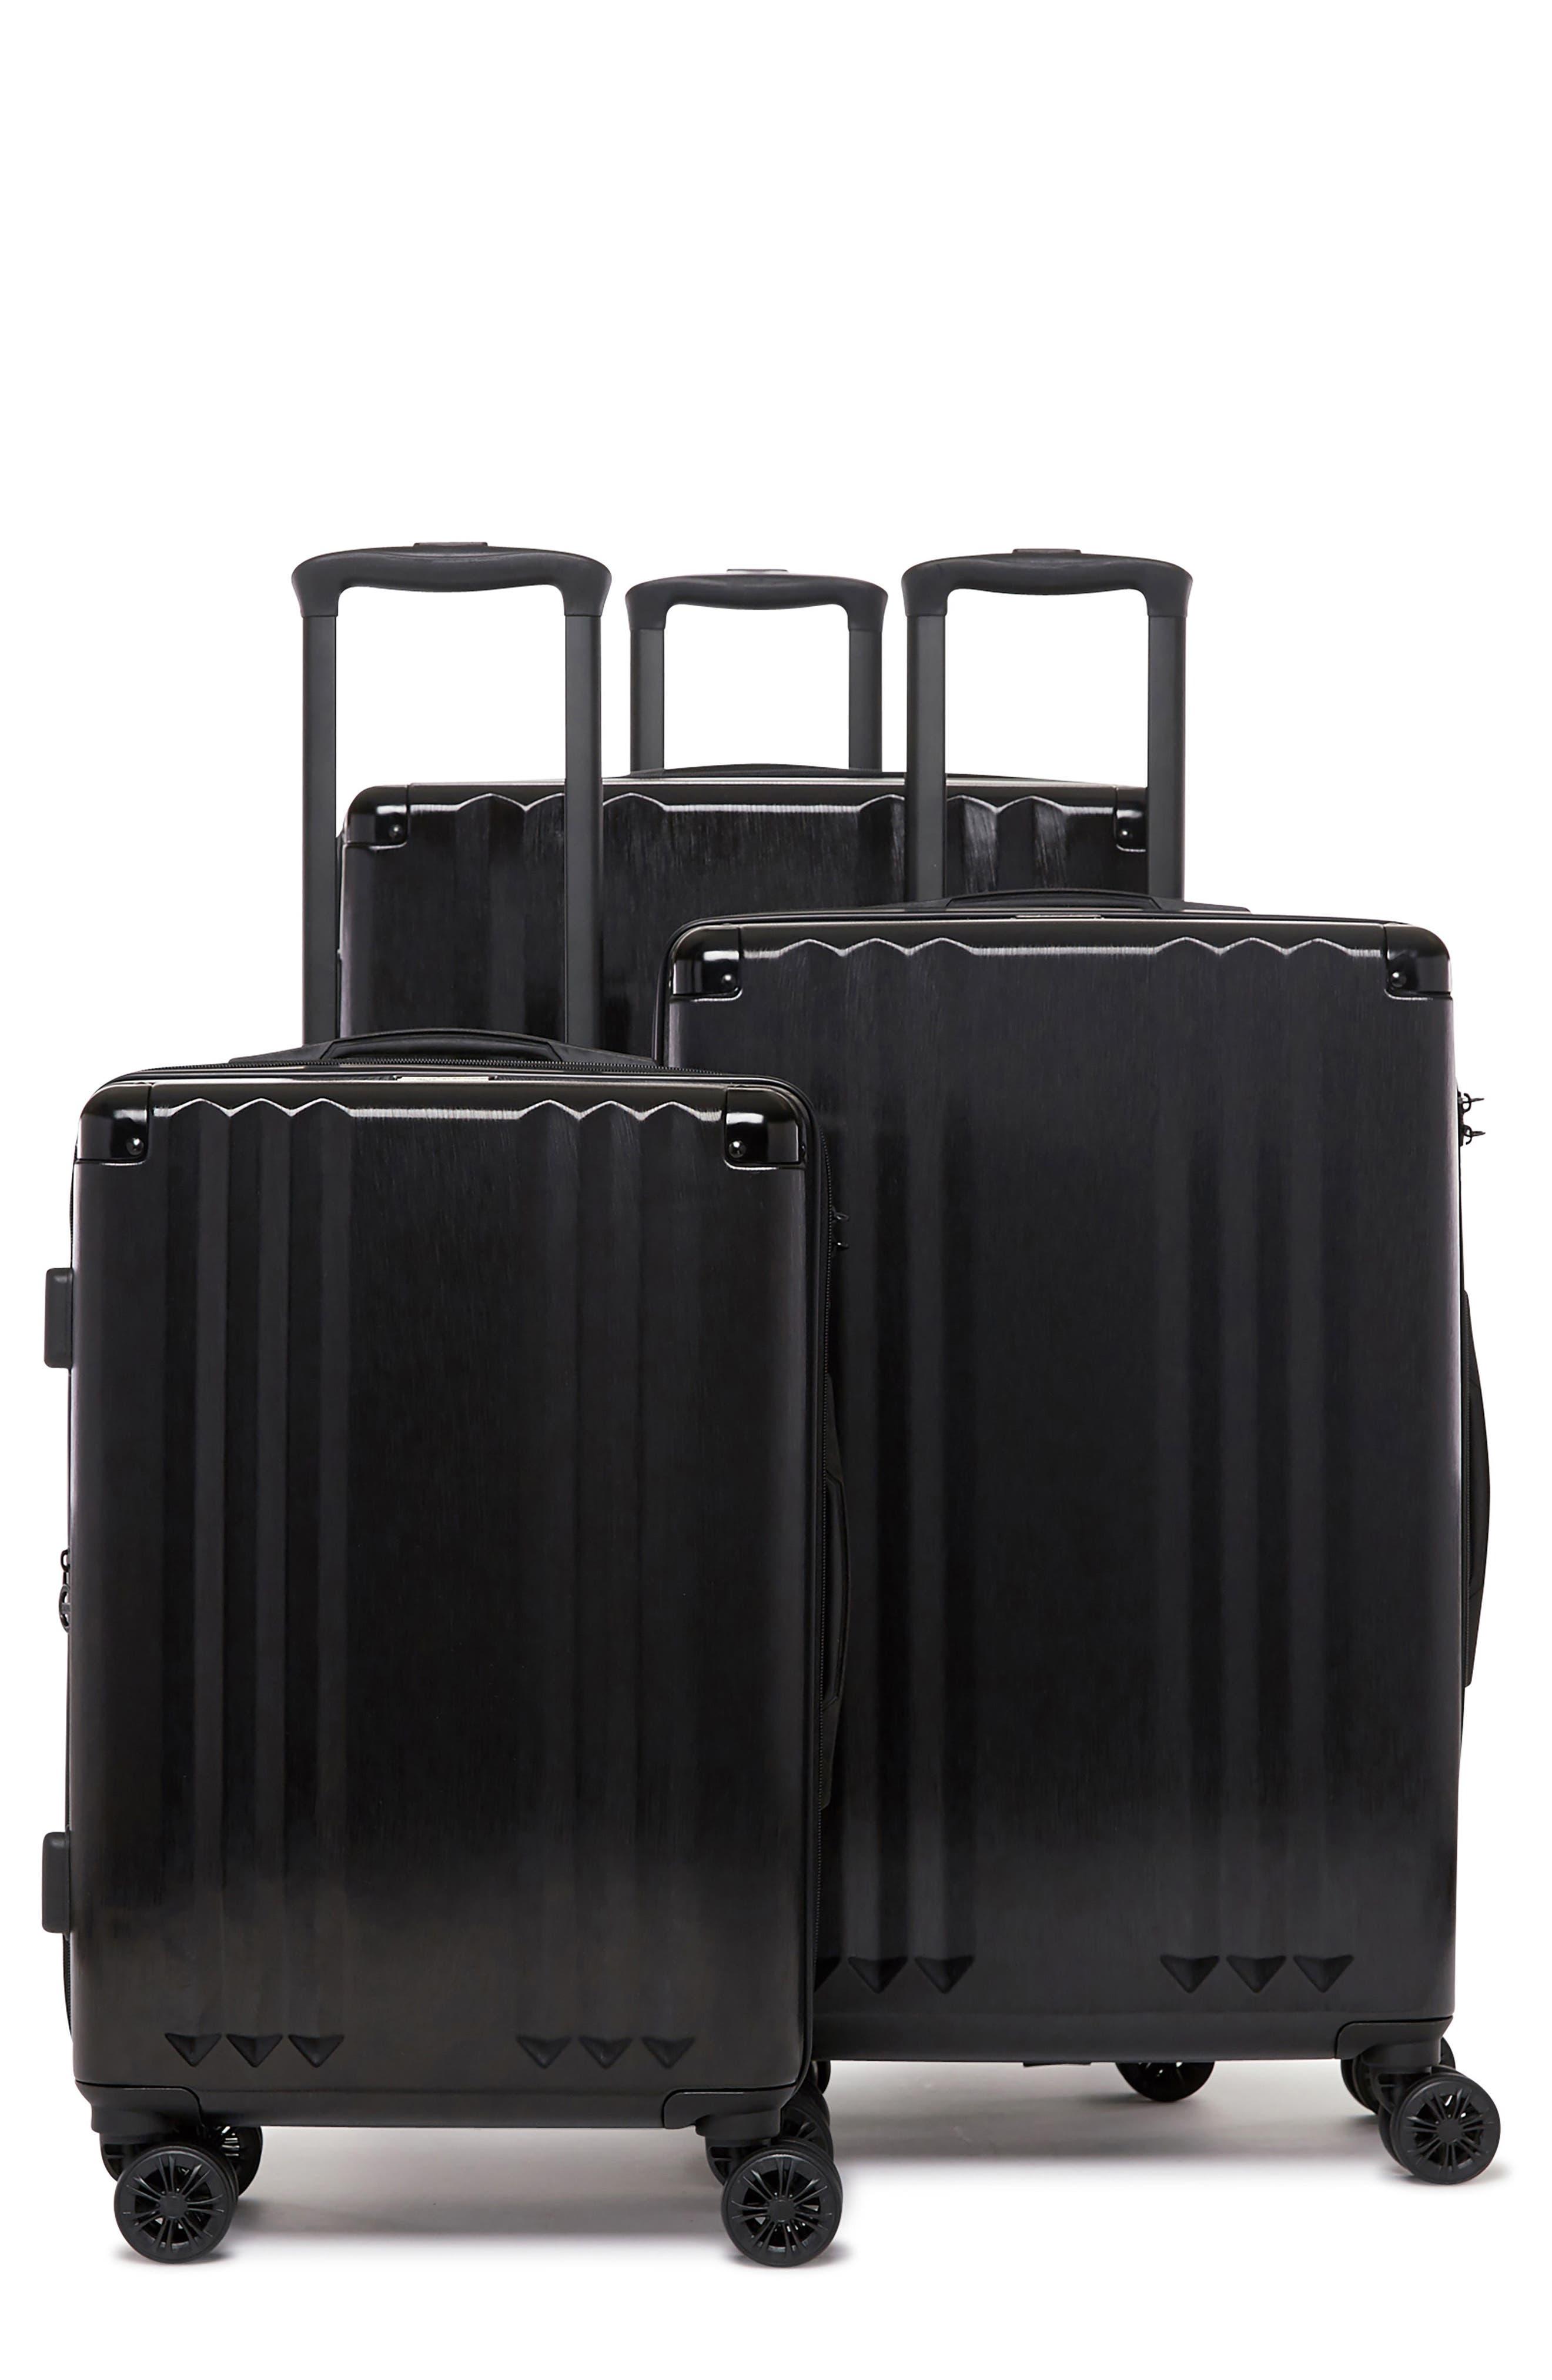 CALPAK Ambeur 3-Piece Metallic Luggage Set